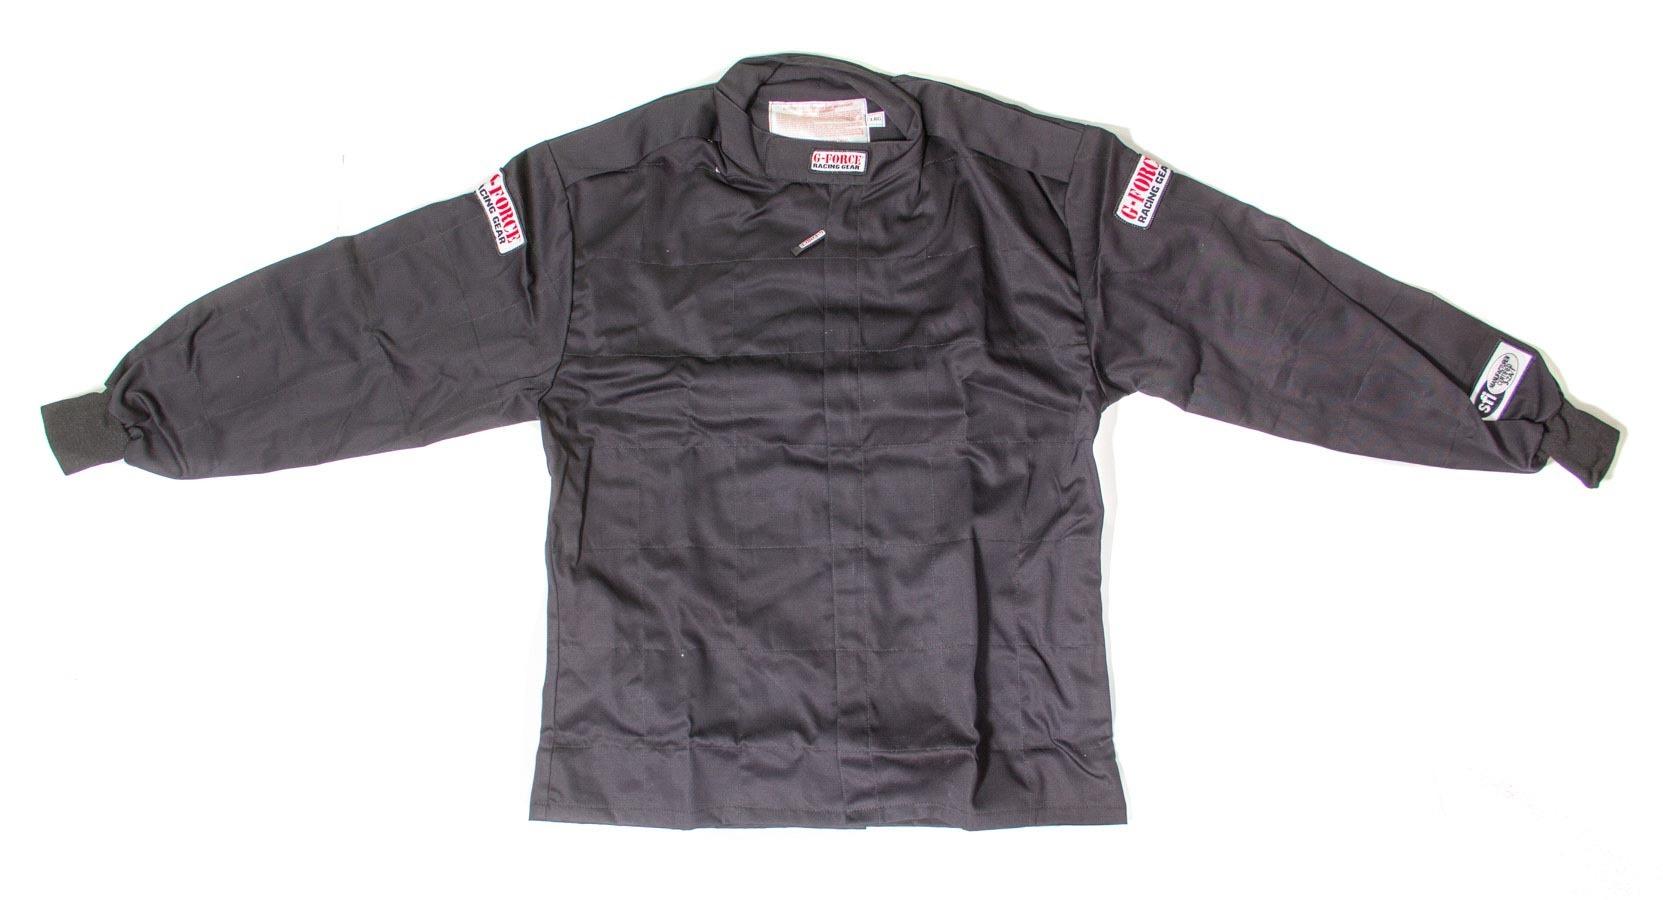 G-force GF125 Jacket Only Large Black